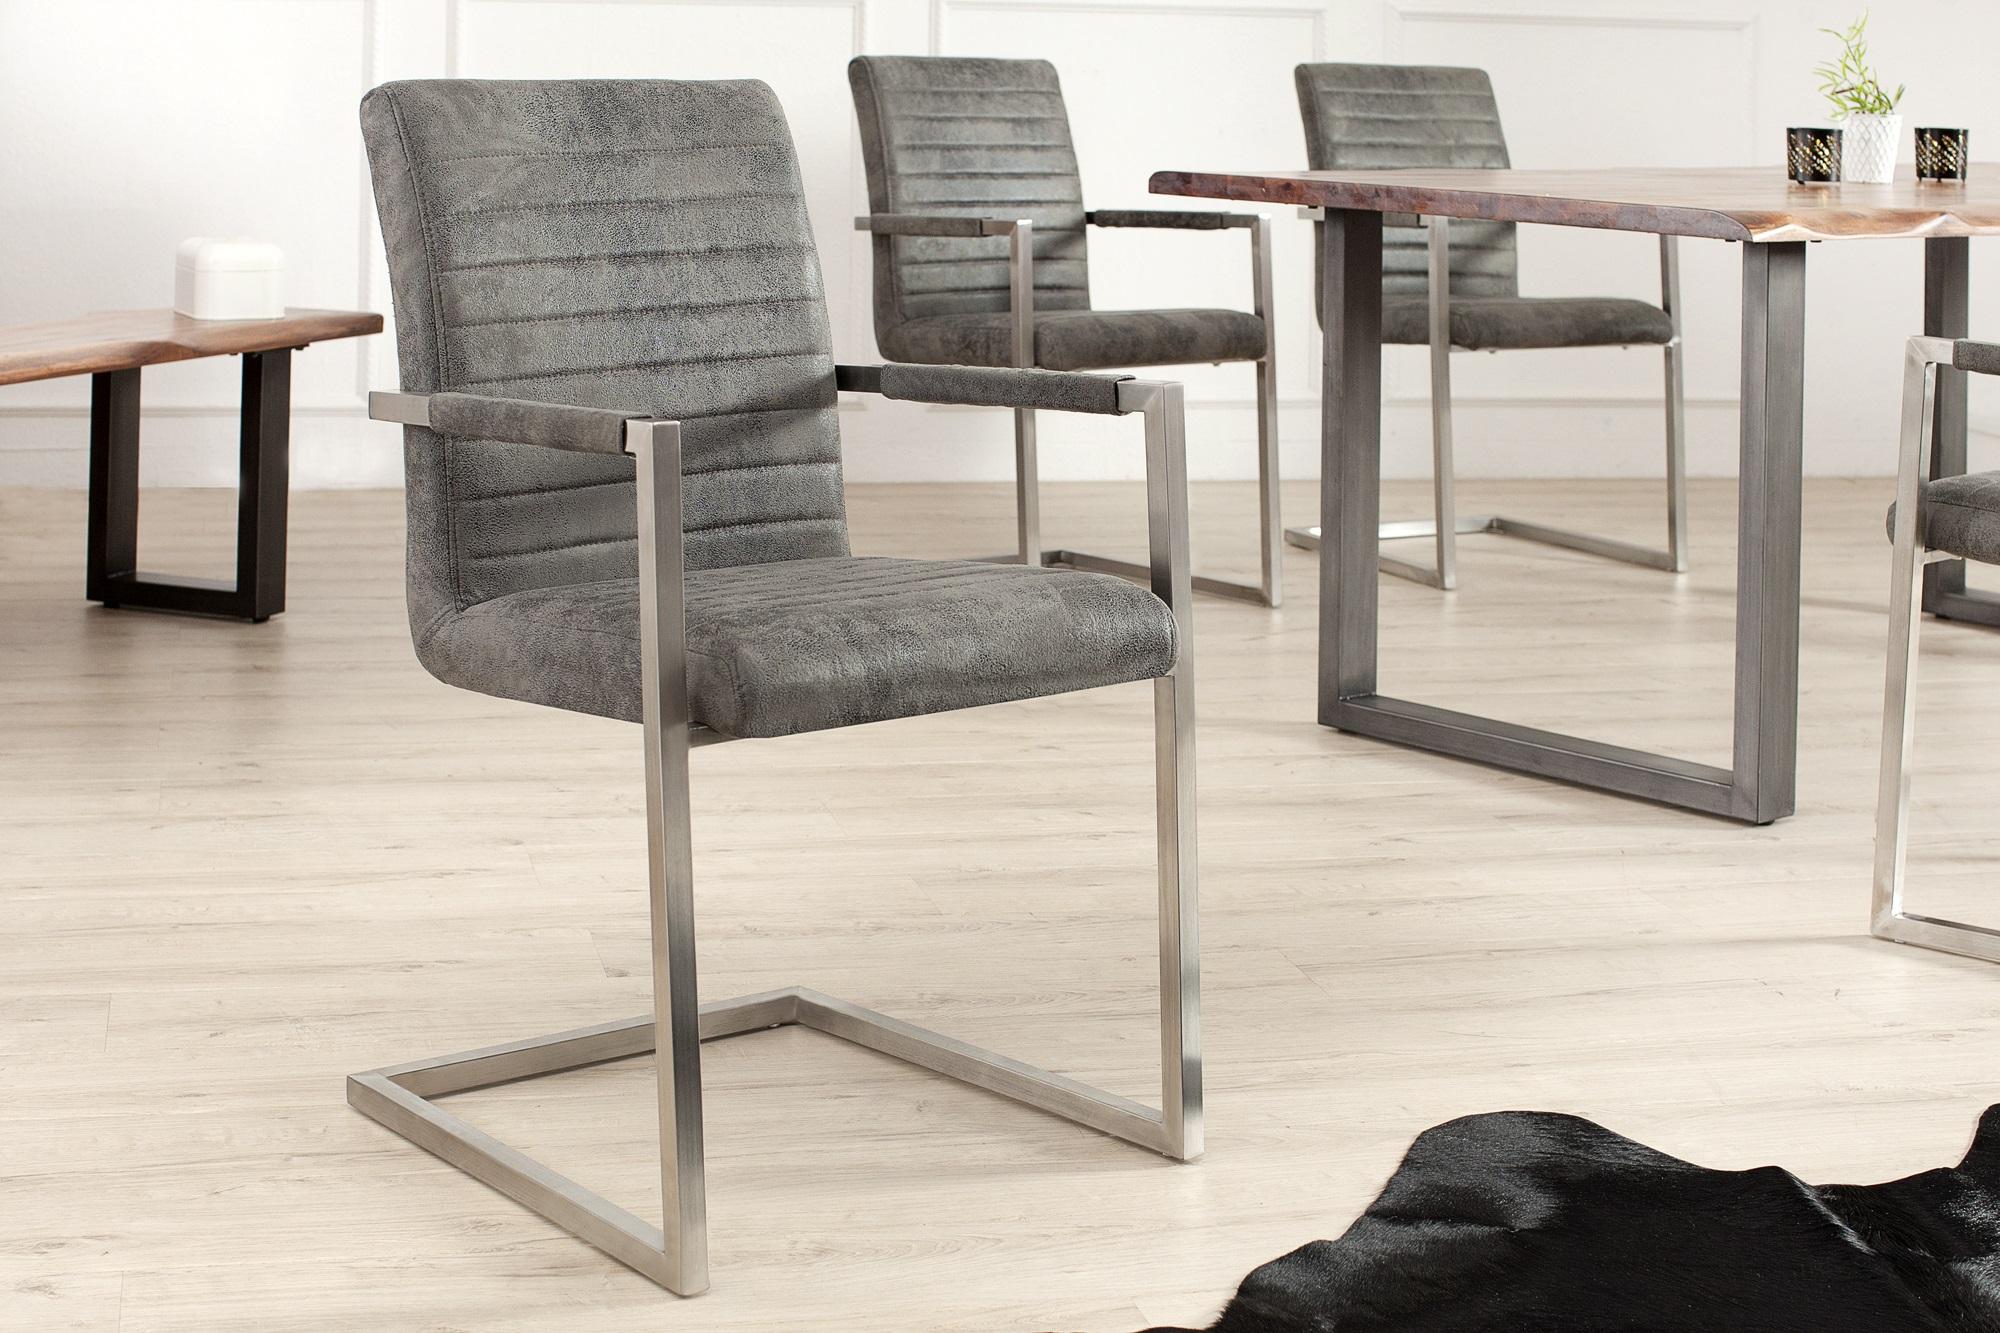 vintage stoelen kopen | Aktie Wonen.nl